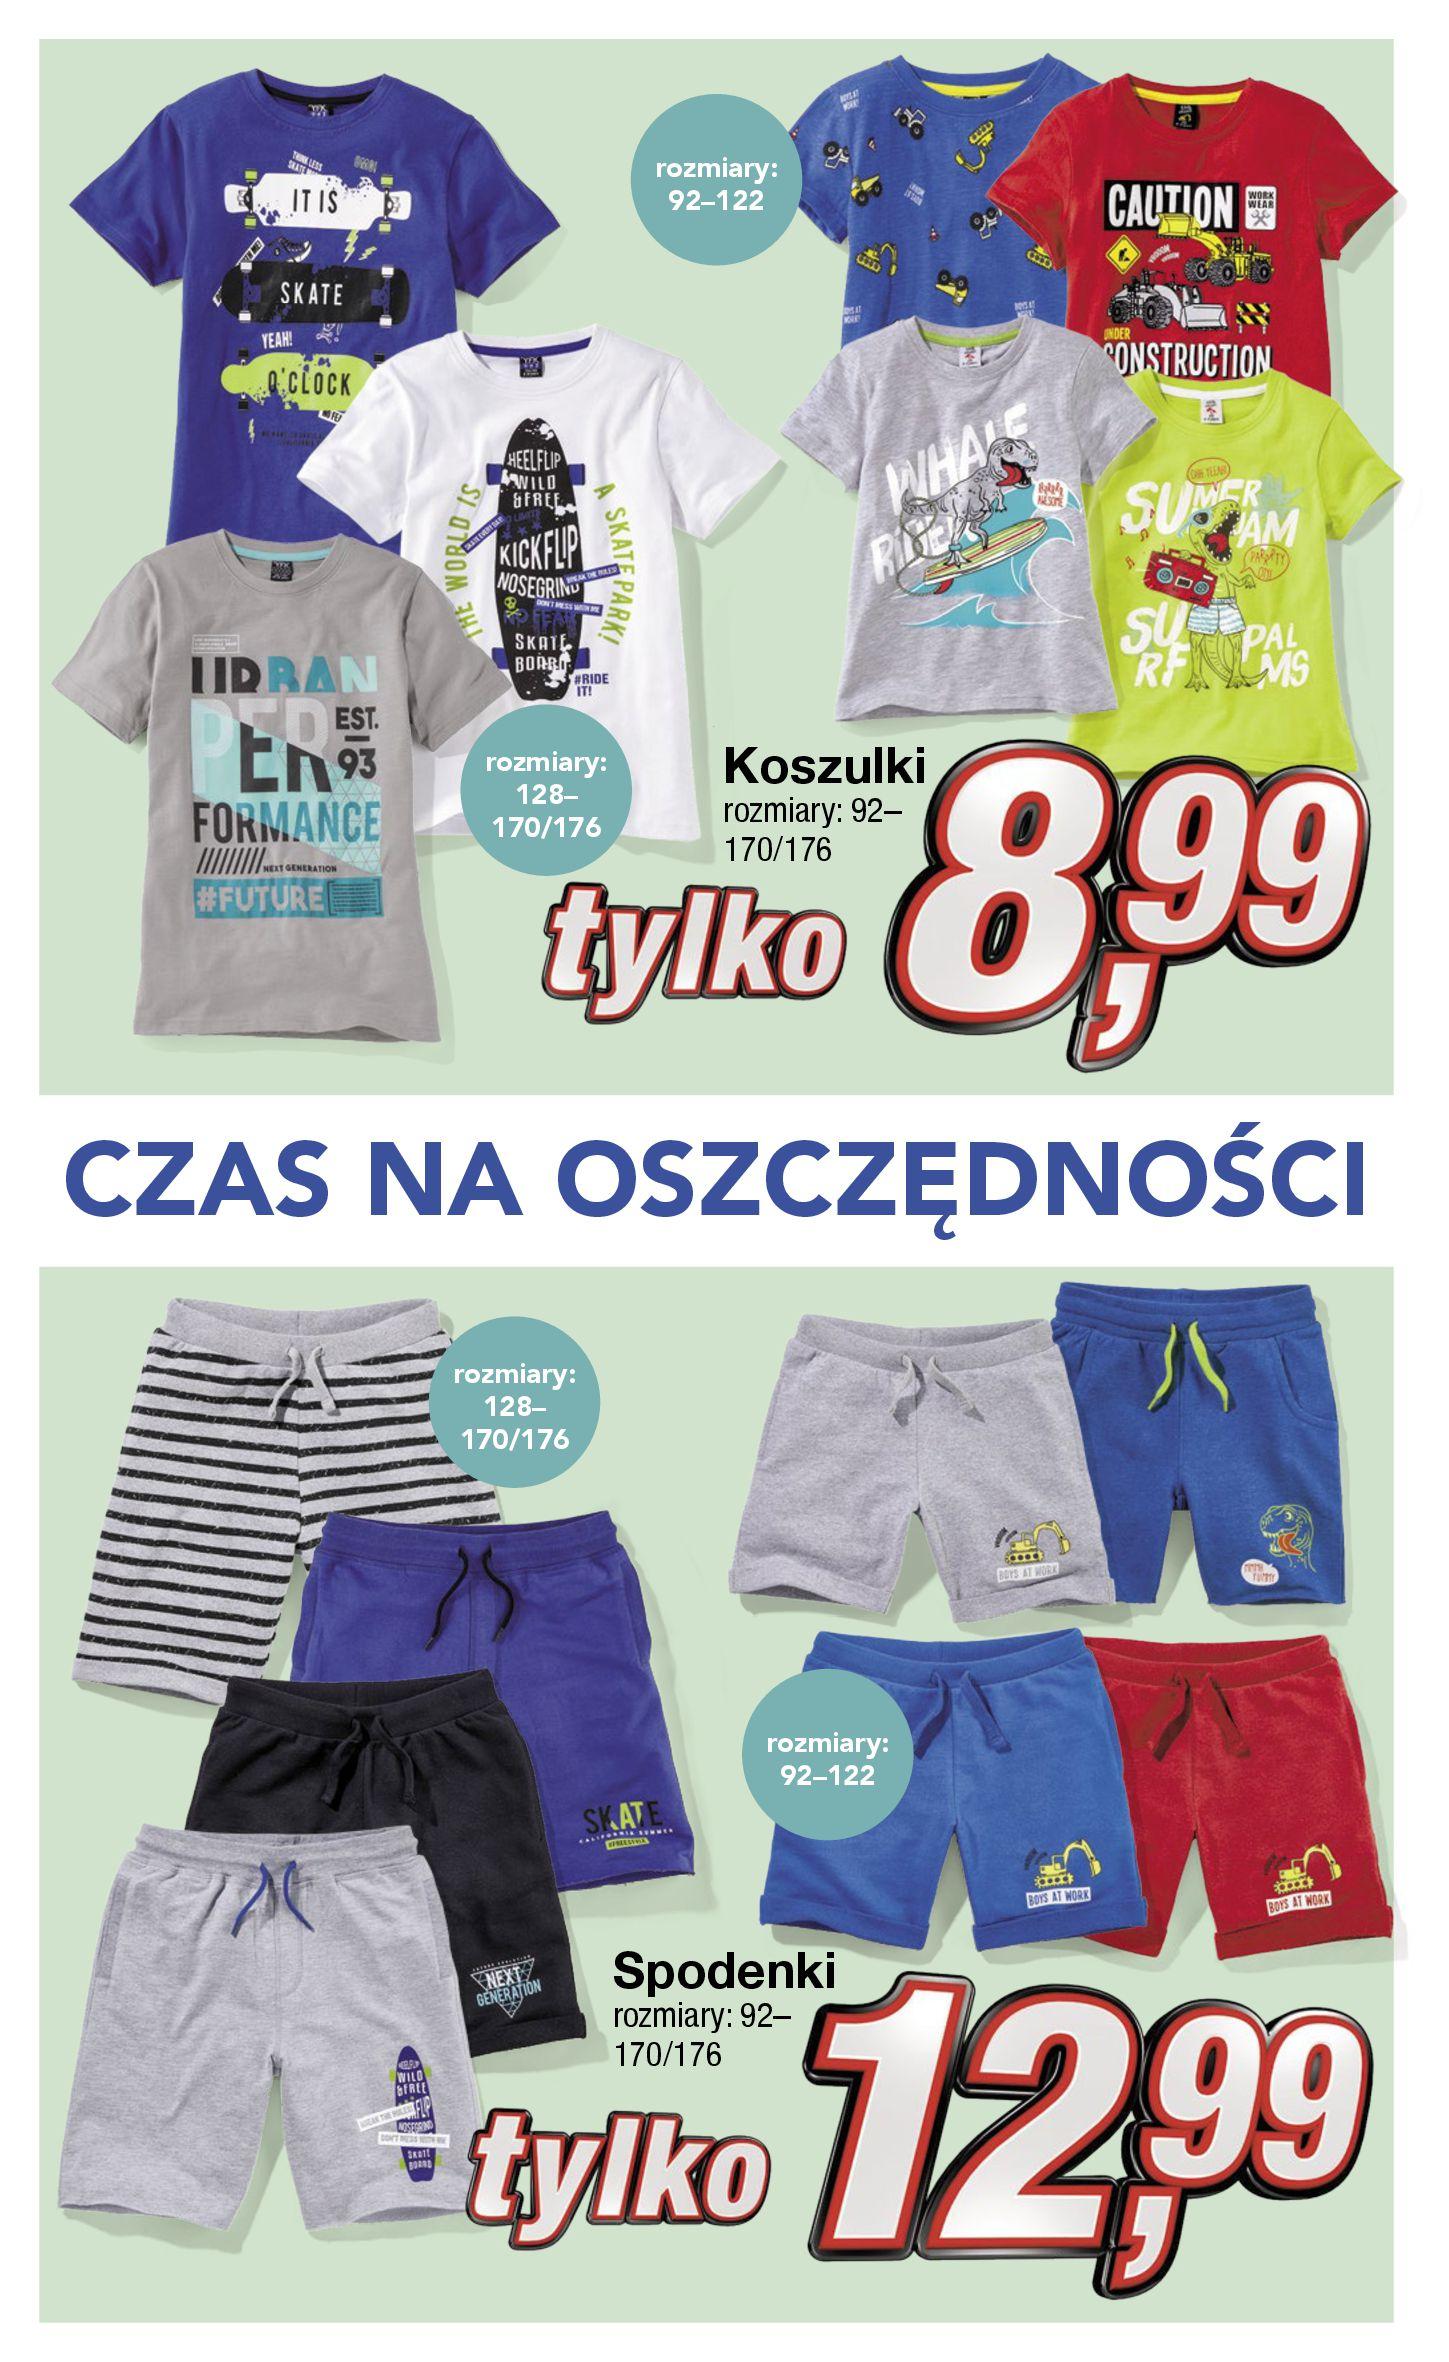 Gazetka KiK - Oferta na odzież i dekoracje-11.06.2019-12.07.2019-page-